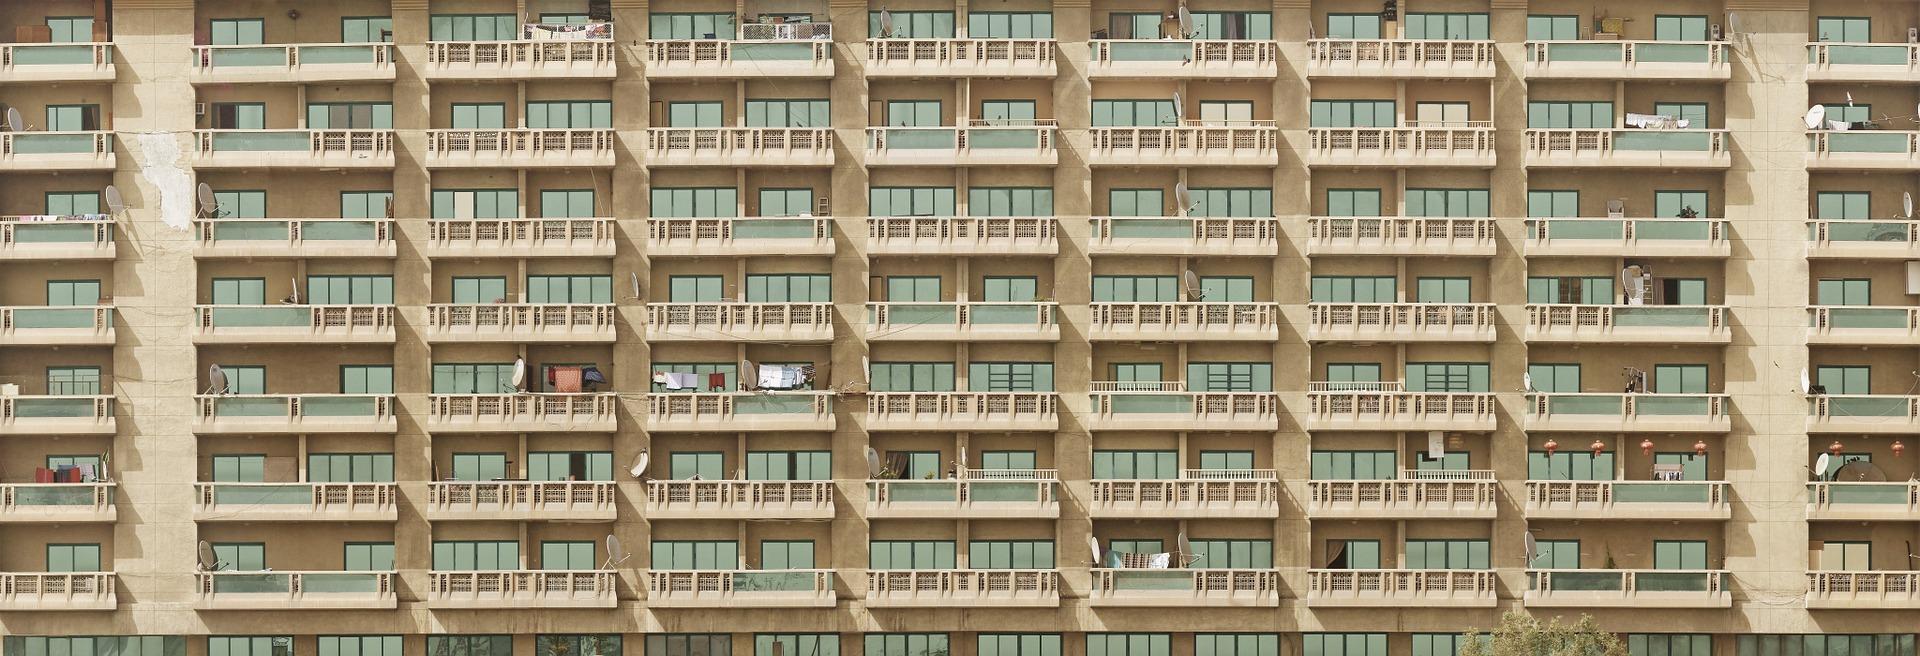 appartementen met balkons